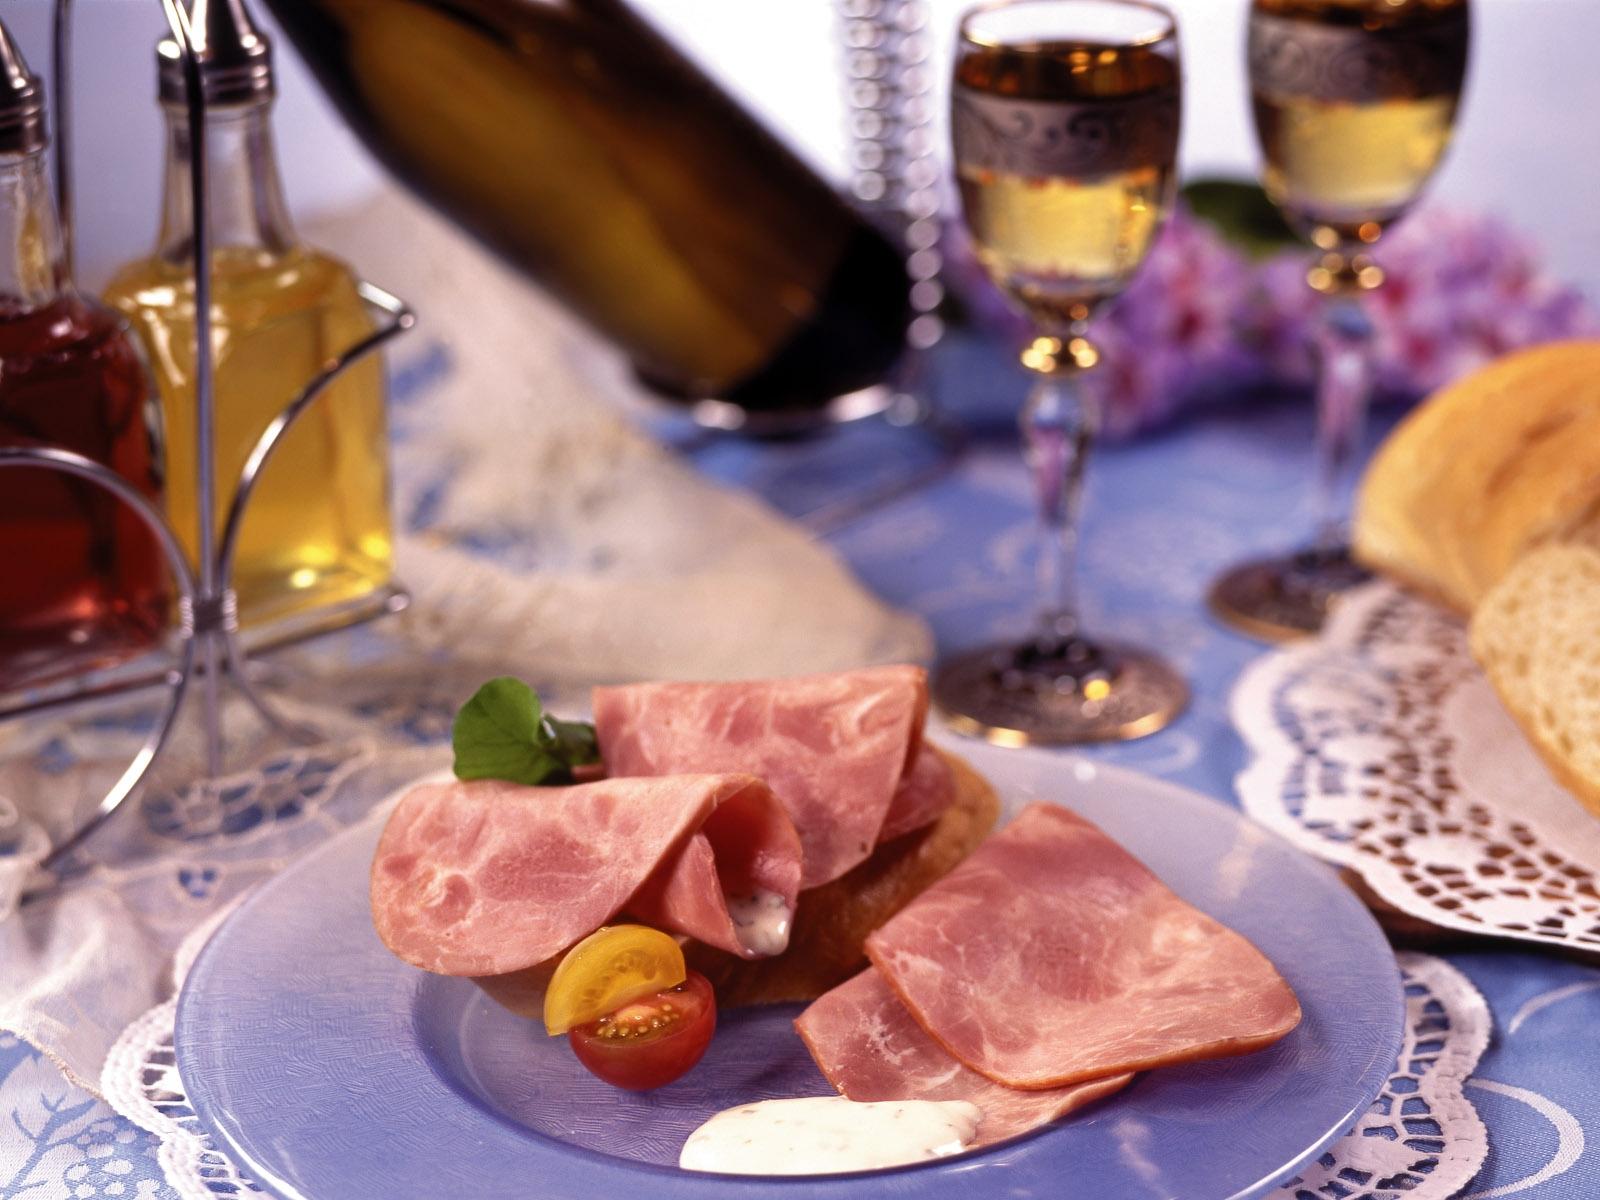 Картинки про, открытки накрытый стол с вином и едой